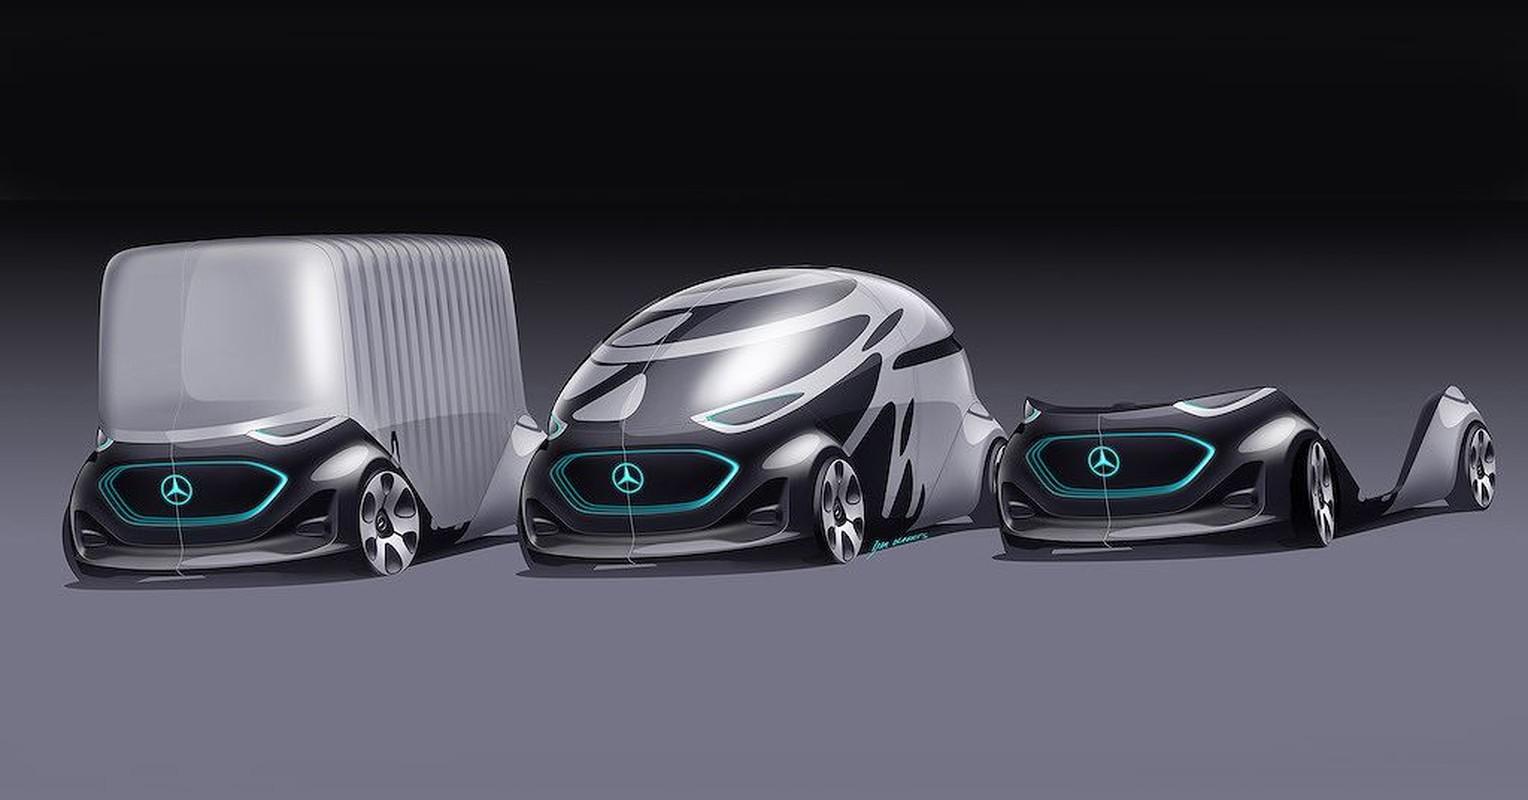 Choang voi concept xe dien sieu doc la cua Mercedes-Benz